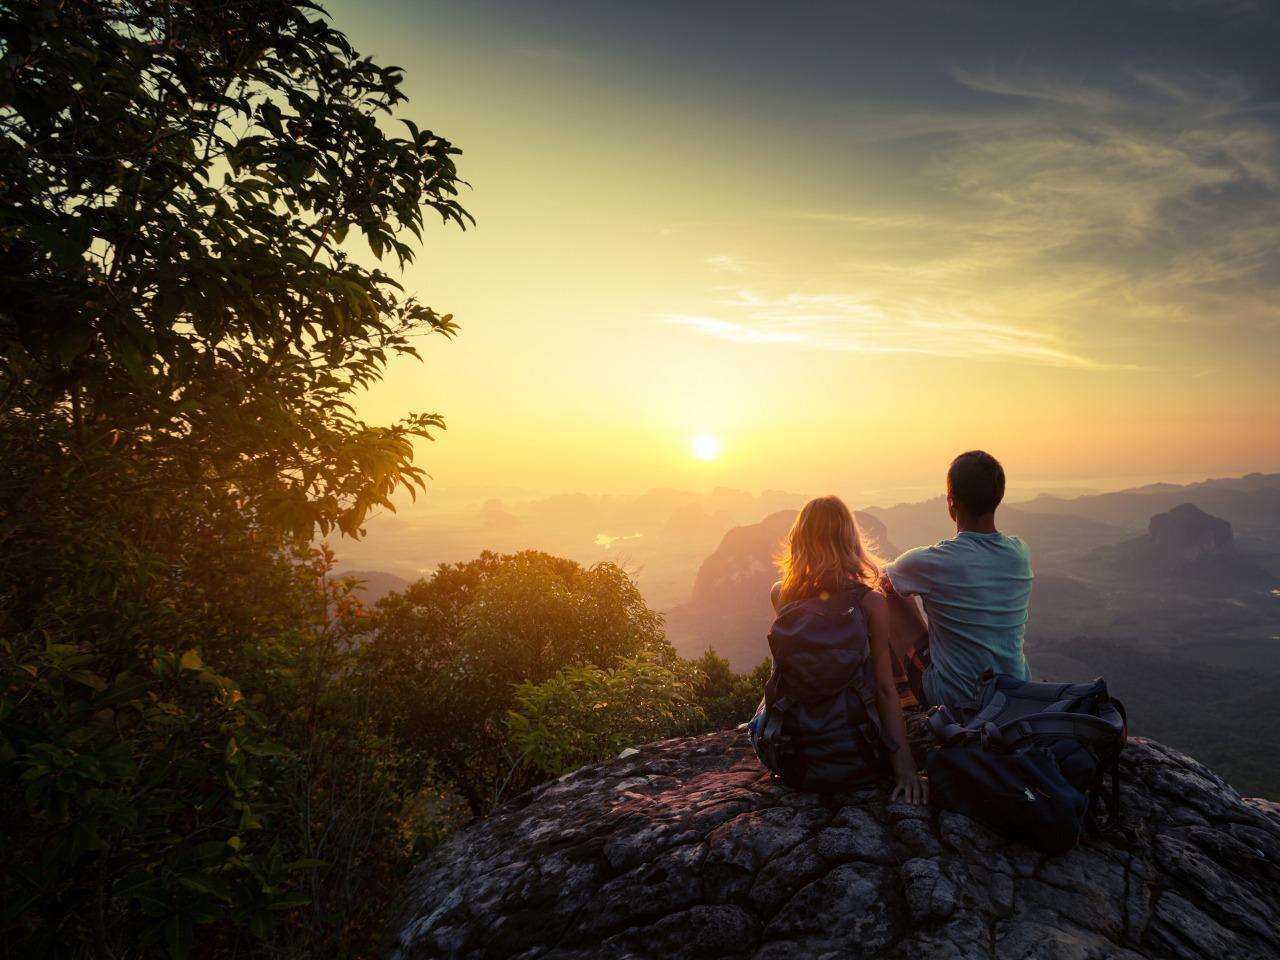 """Джип-тур """"Рассвет на горе Ай-Йори"""" - индивидуальная экскурсия в Алуште от опытного гида"""